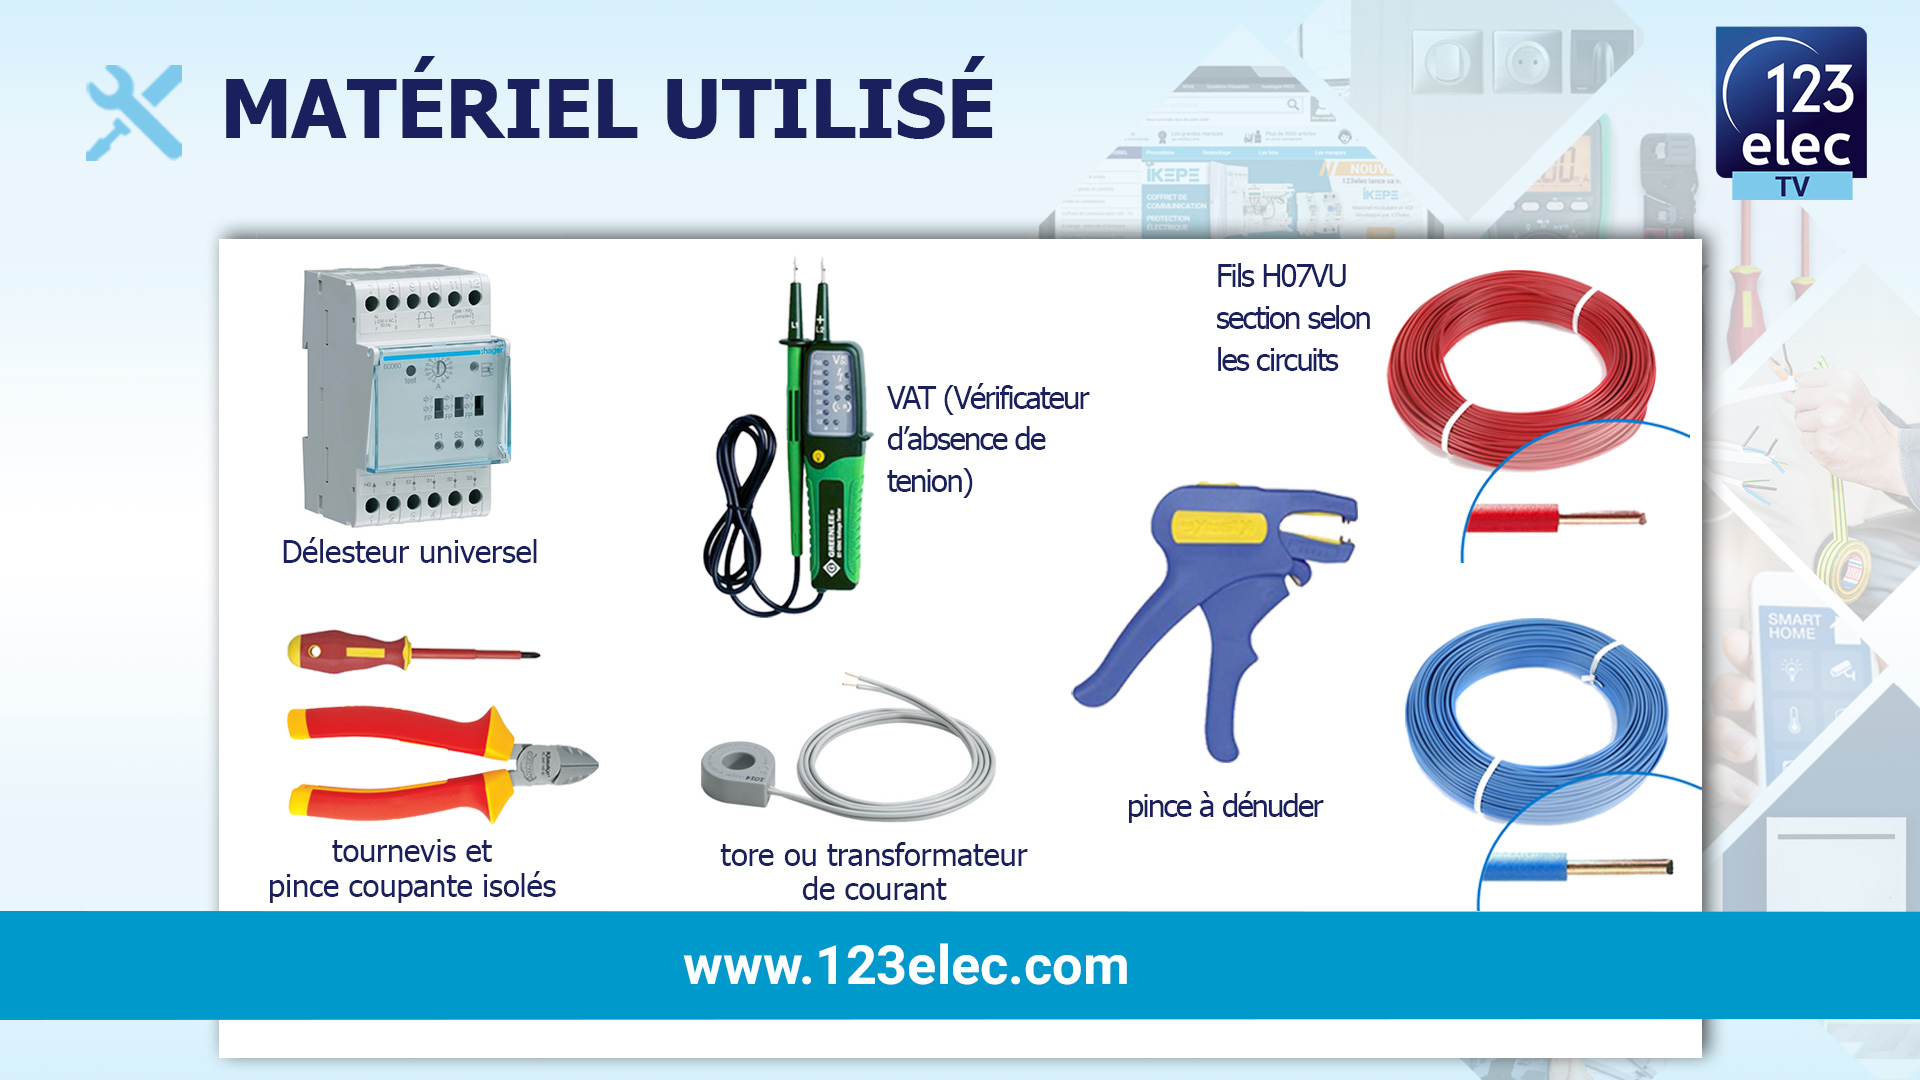 Matériel électrique nécessaire pour l'installation d'un délesteur